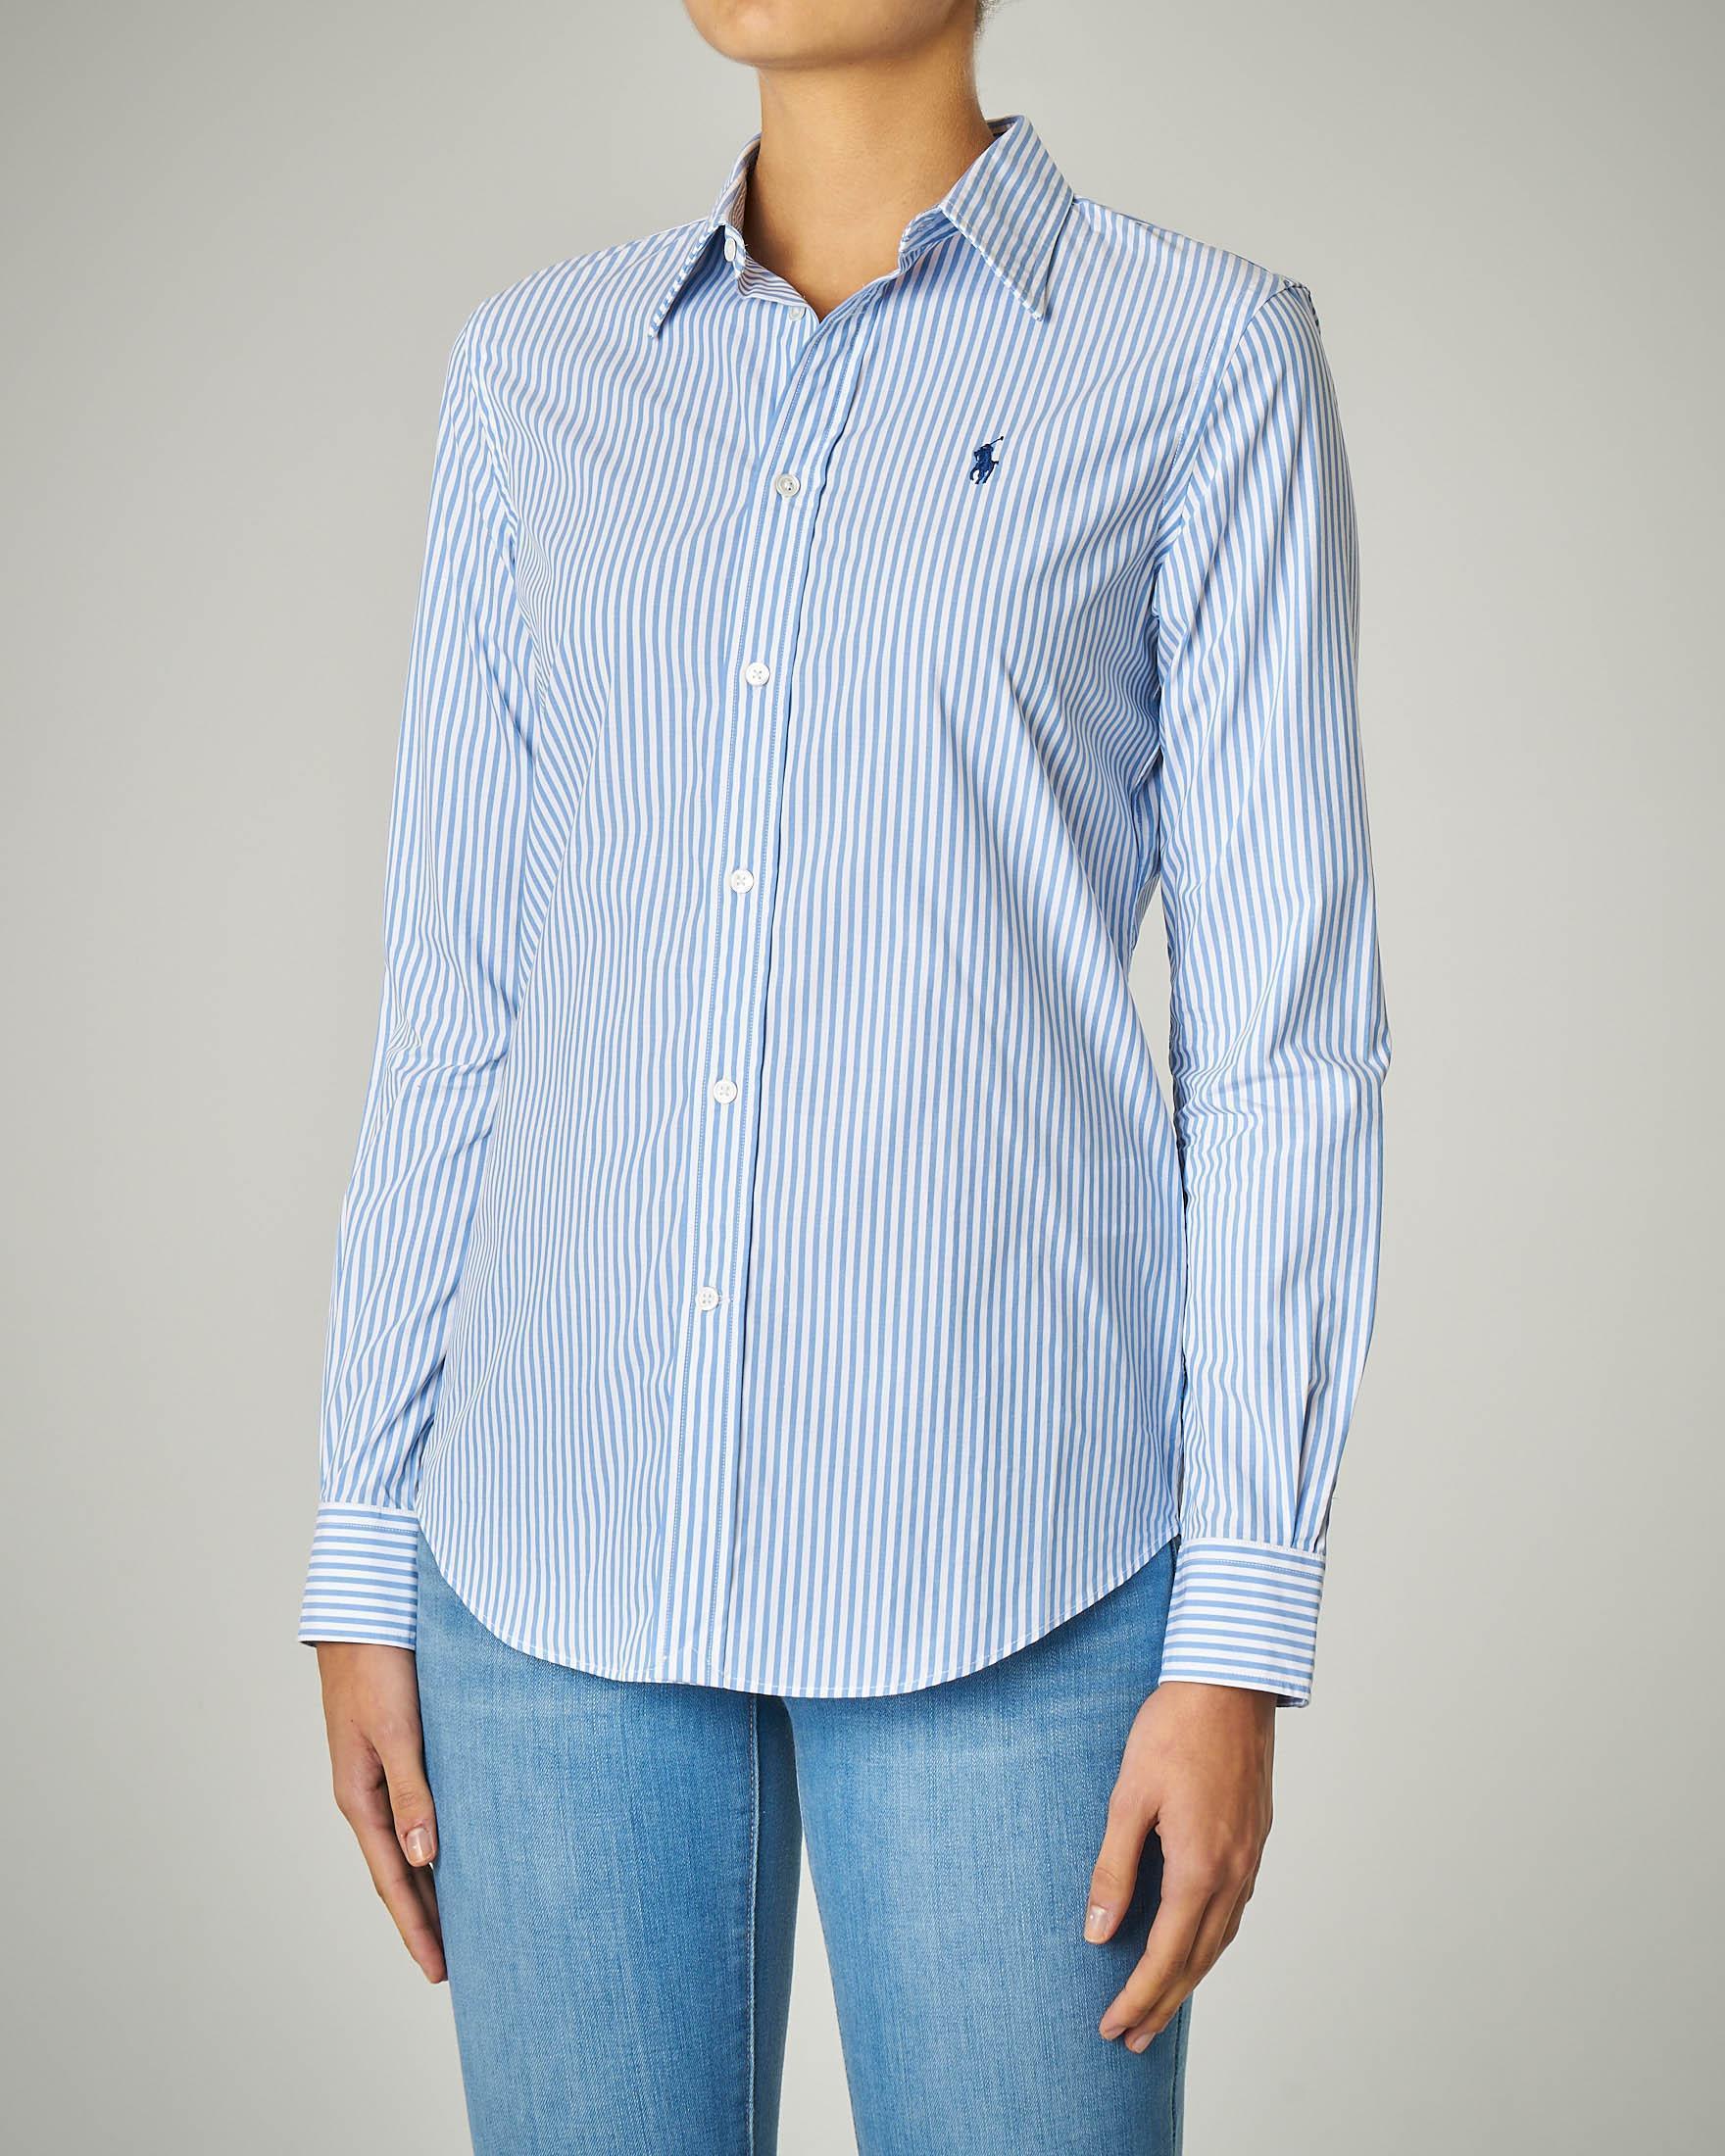 Camicia in cotone stretch a righe azzurre con logo